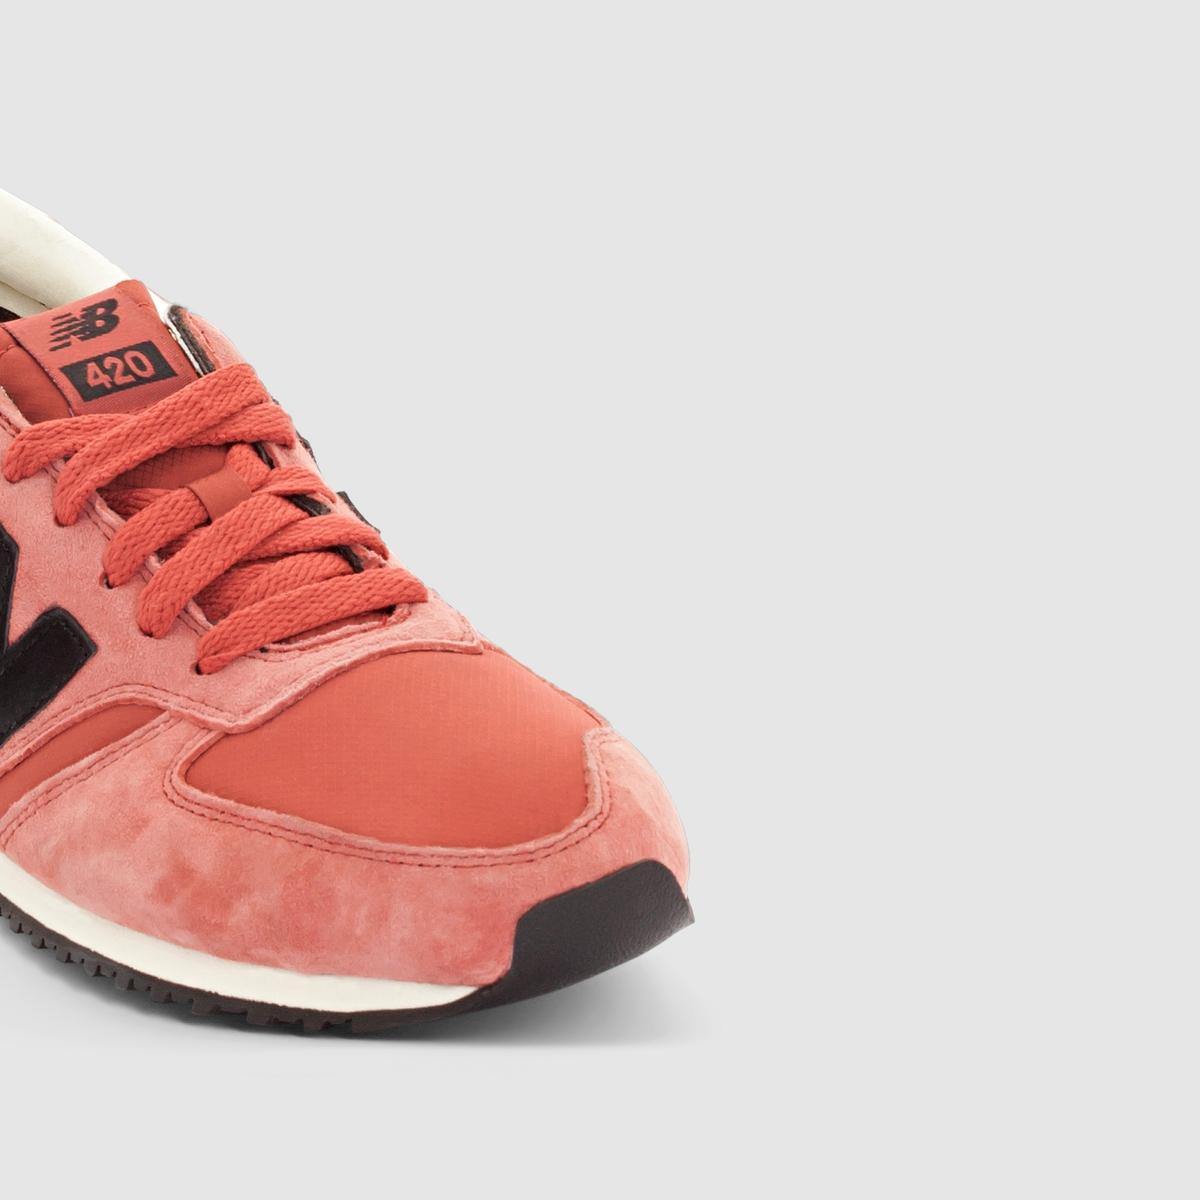 Кроссовки NEW BALANCE U420CKПреимущества: Низкие кроссовки NEW BALANCE, совмещающие классику и современность, берцы в одной цветовой гамме и контрастные фирменные элементы.<br><br>Цвет: бордовый<br>Размер: 41 1/2